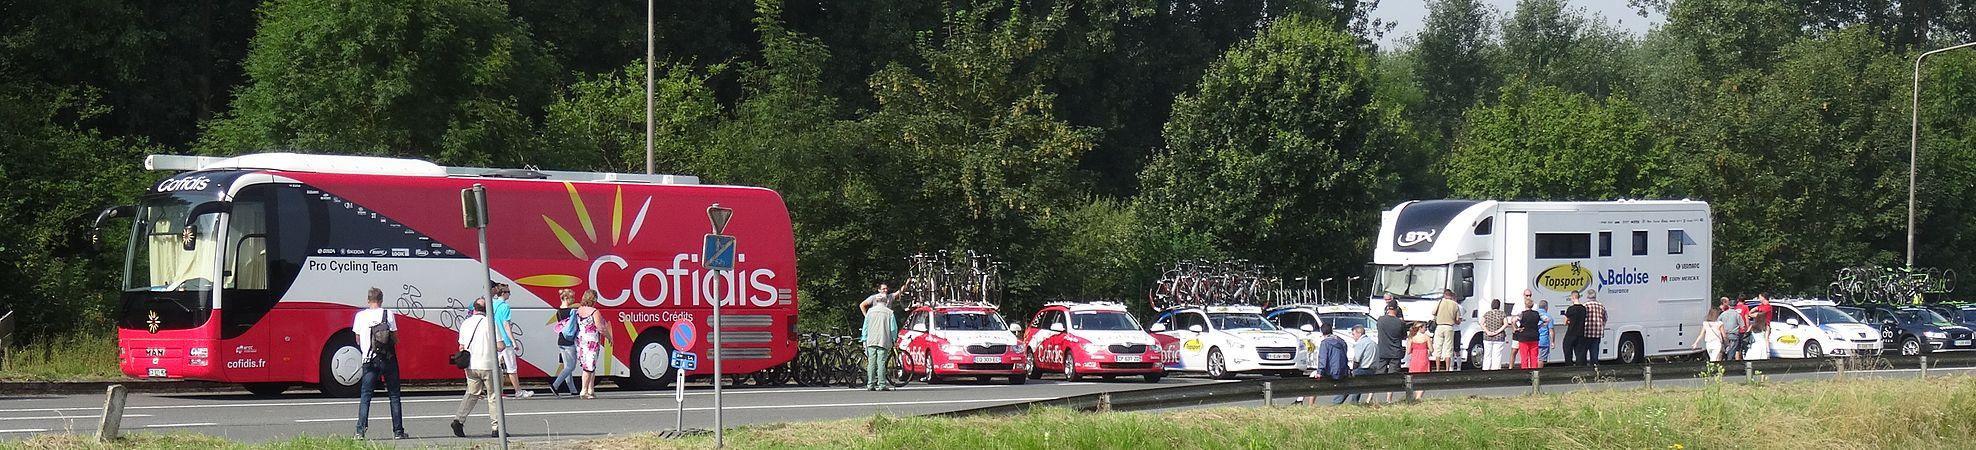 Péronnes-lez-Antoing (Antoing) - Tour de Wallonie, étape 2, 27 juillet 2014, départ (B43).JPG